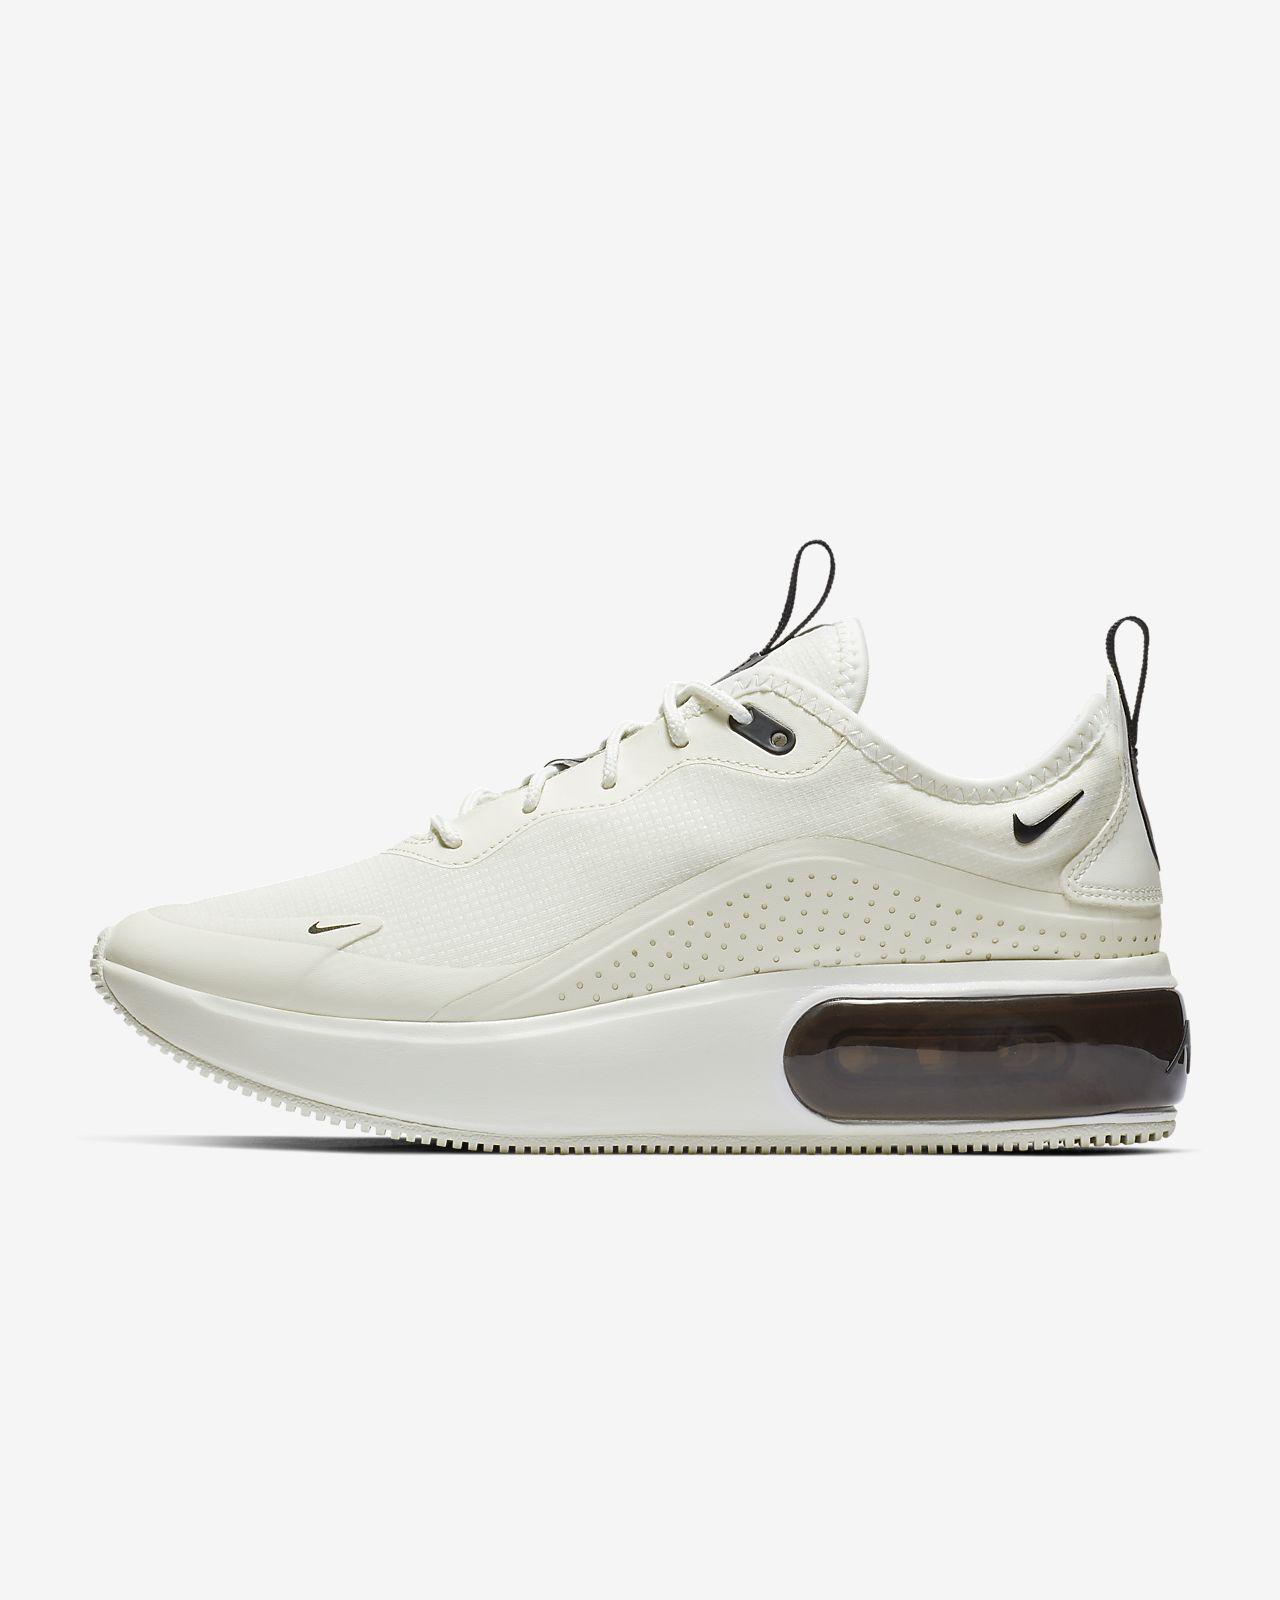 Nike Air Max Dia Schoen